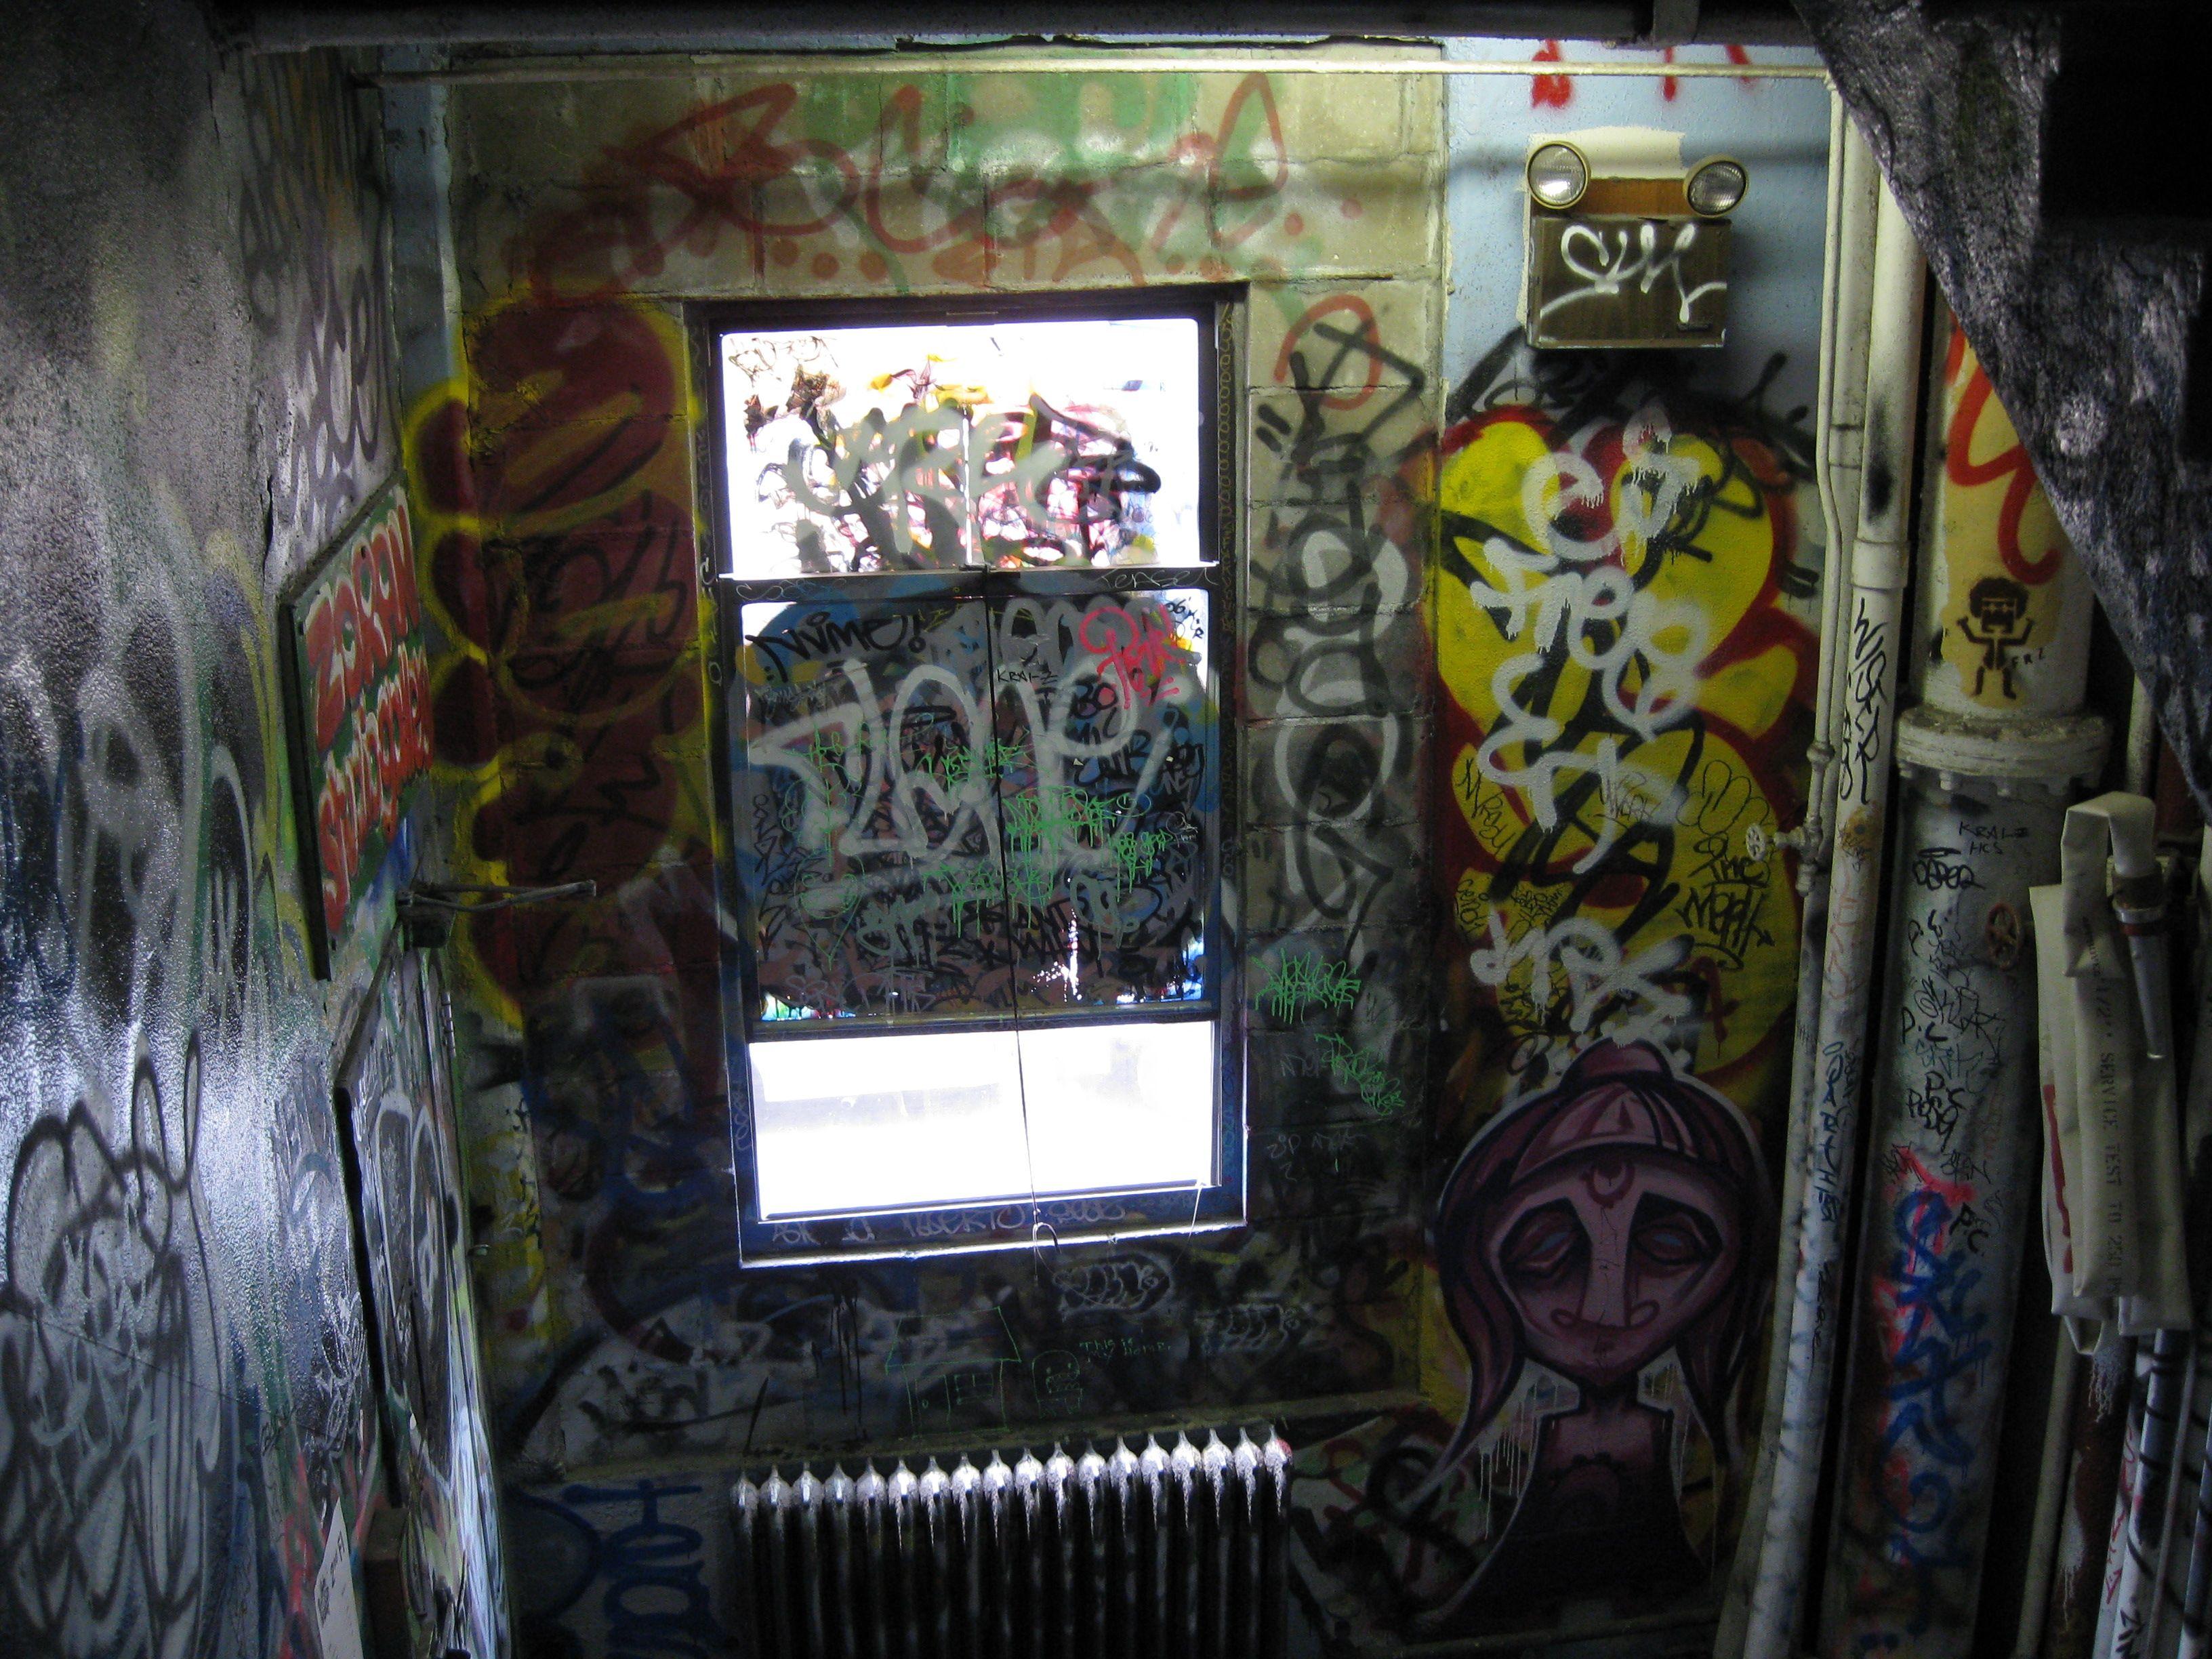 urbanartbomb #graffiti #bombing #graff #streetart - http://urbanartbomb.com/img_0143/ - - Urban Art Bomb